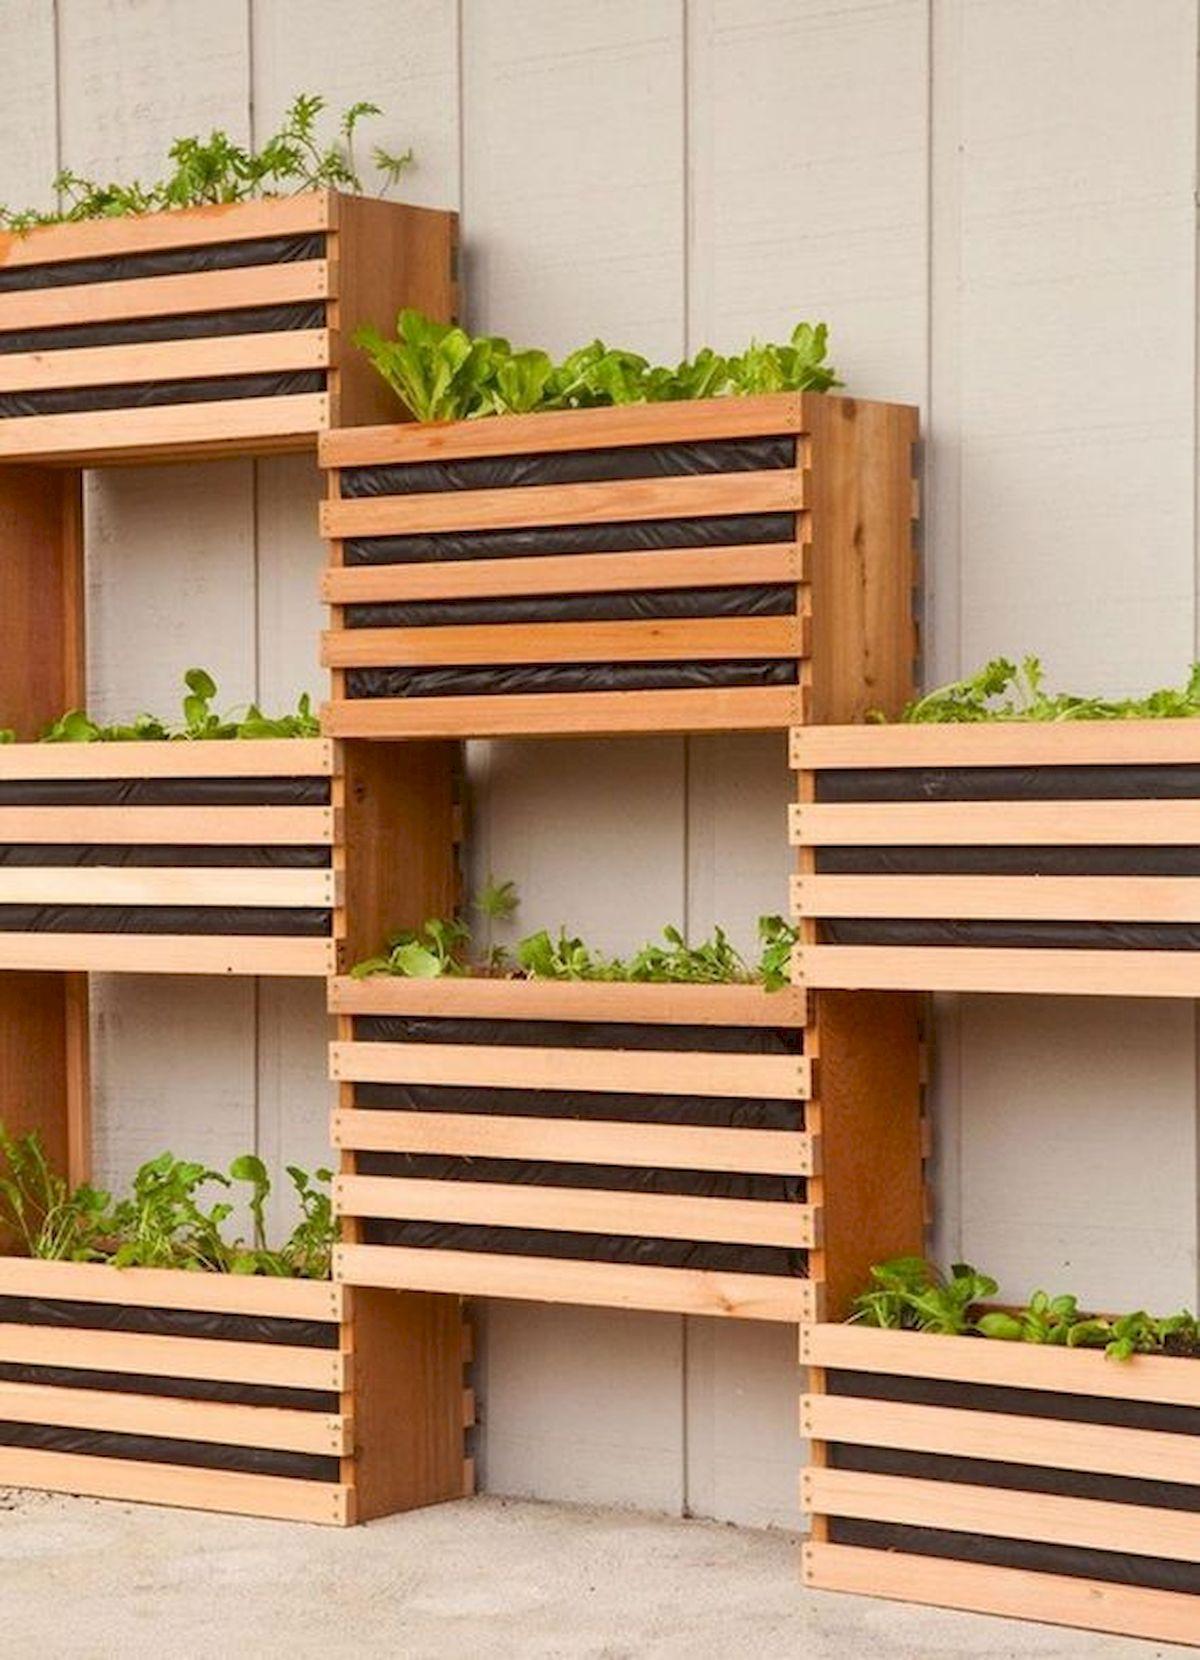 44 Creative DIY Vertical Garden Ideas To Make Your Home Beautiful (1)